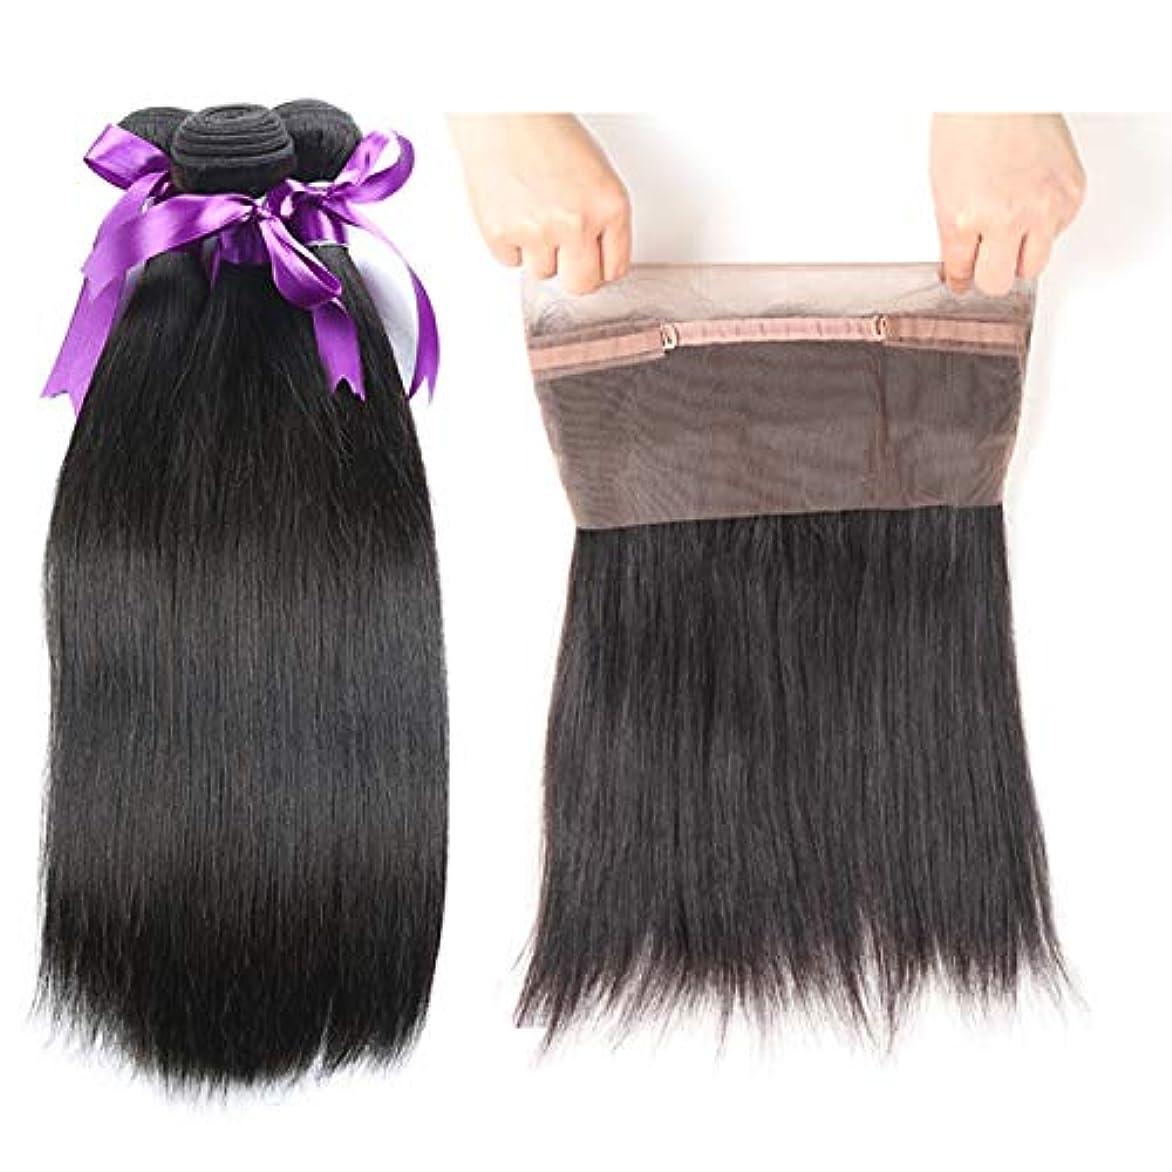 普遍的な近くハドルペルーのストレートボディーヘア360束前頭閉鎖3束人間の髪の毛の束閉鎖Non-Remy (Length : 24 24 24 Closure20)